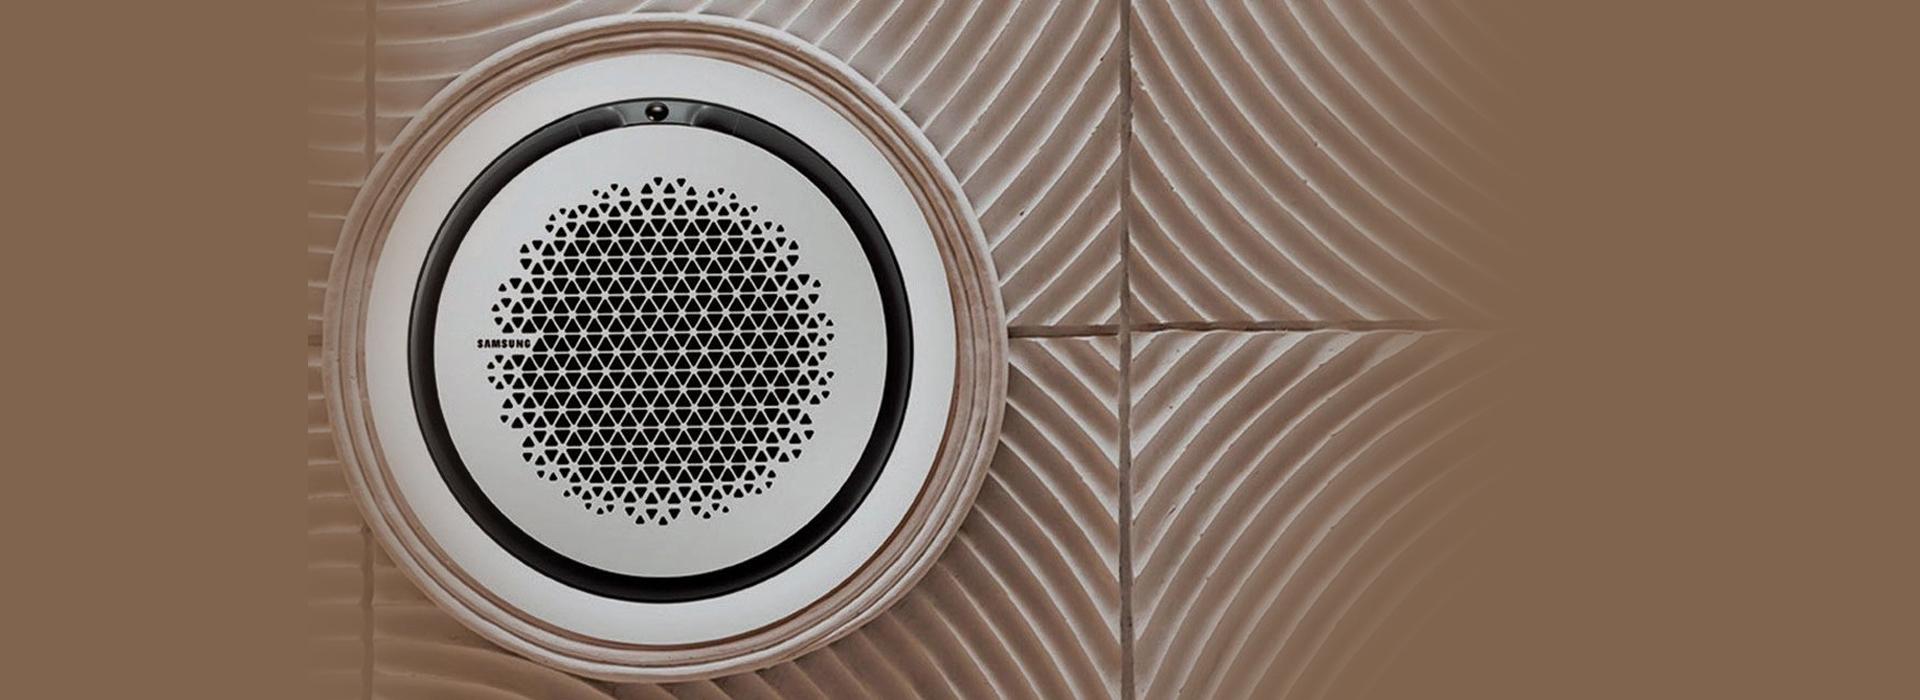 360嵌入式室内机